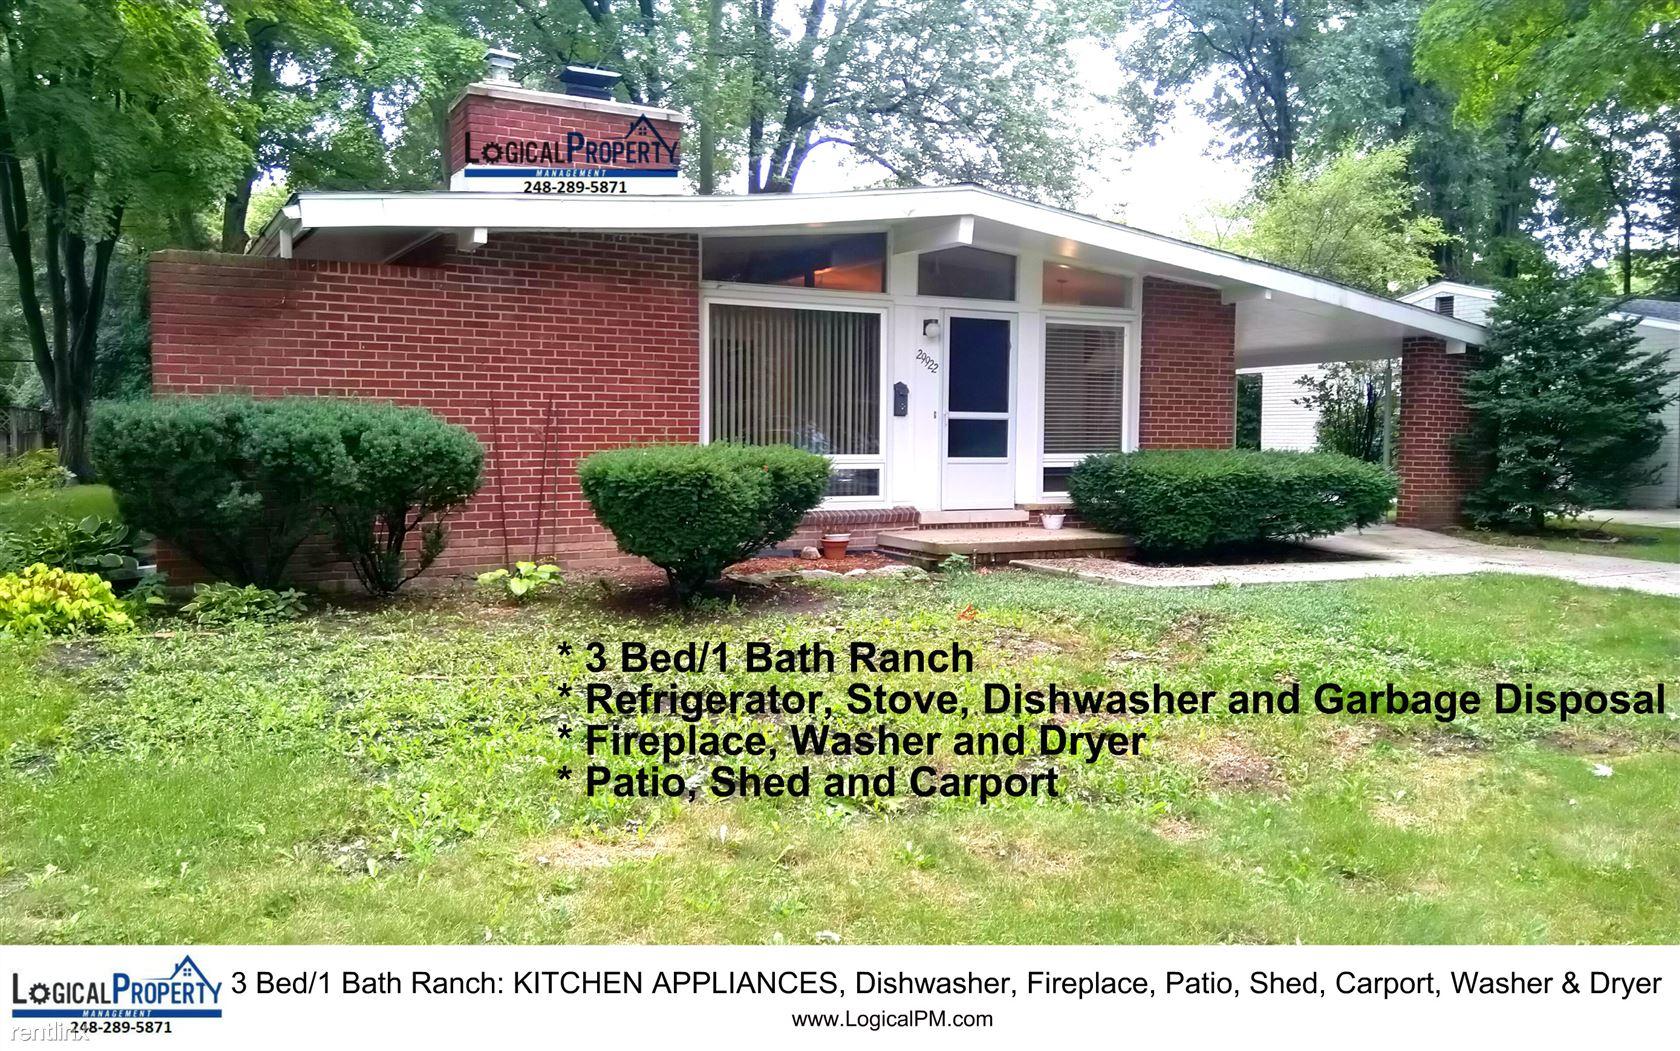 29922 Pleasant Trl, Southfield, MI - $1,375